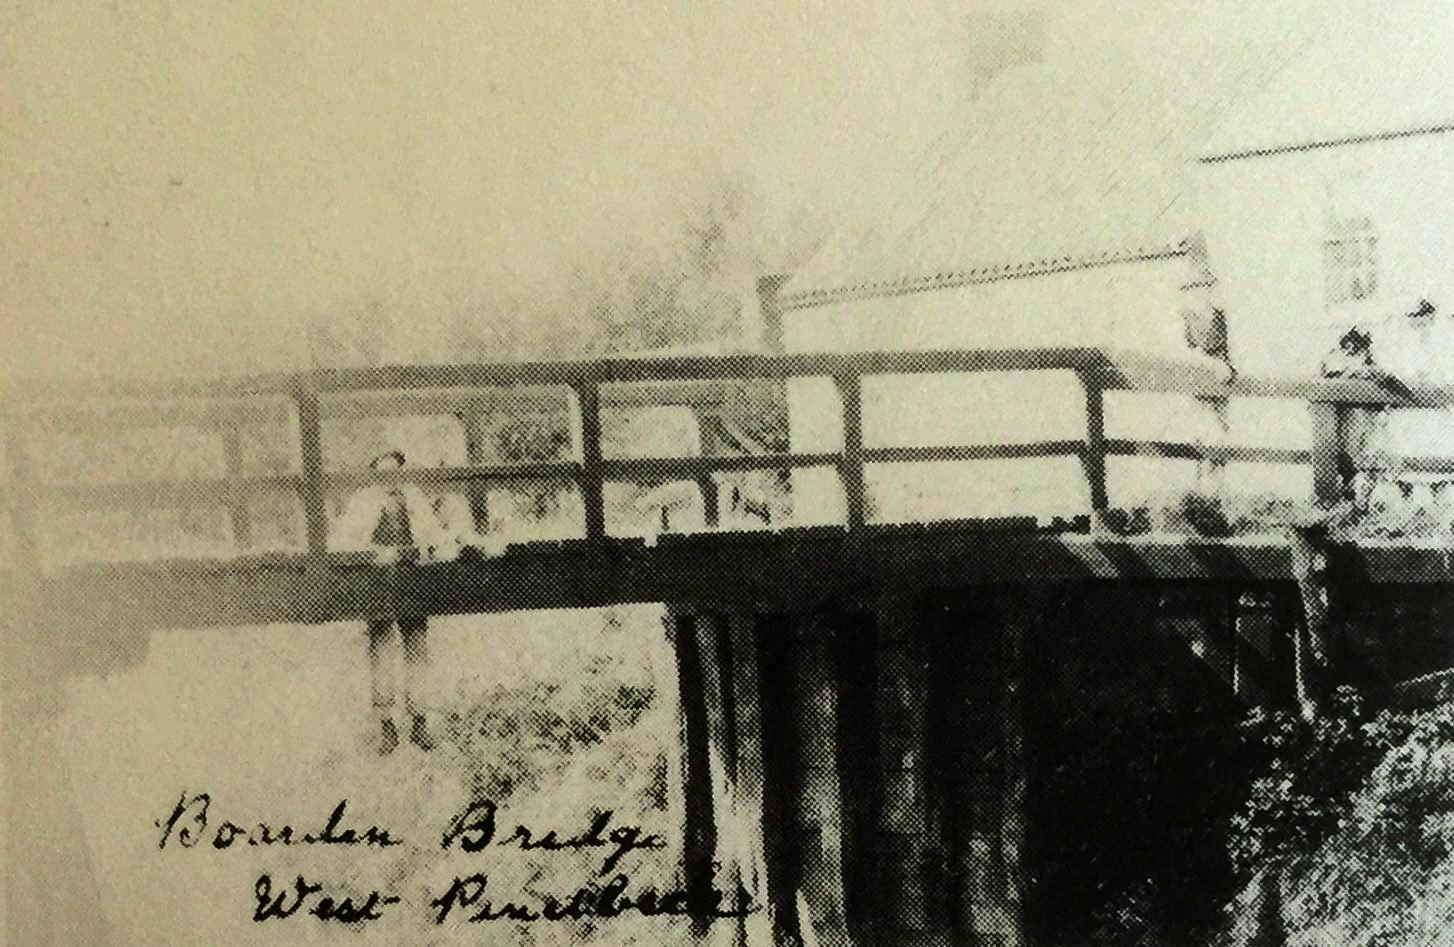 The Boarden Bridge and Pub